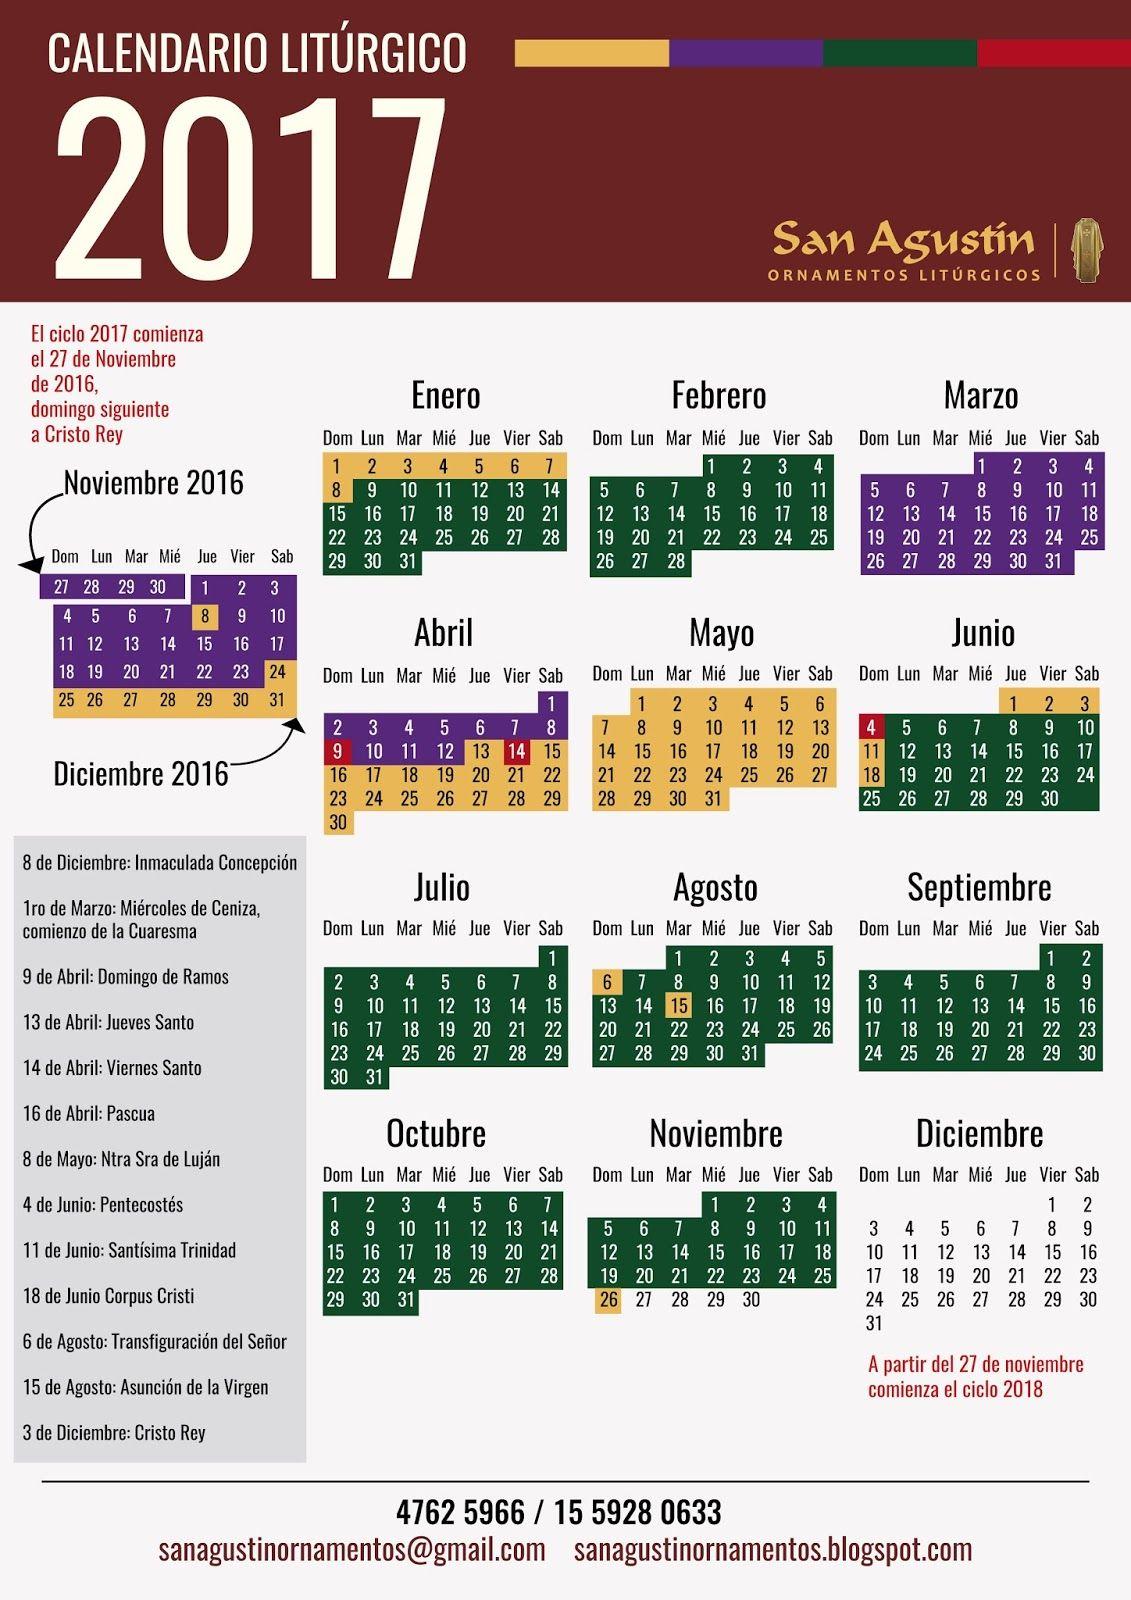 Calendario Liturgico Maranatha.Pin De Josthin David En Calendario Calendario Liturgico